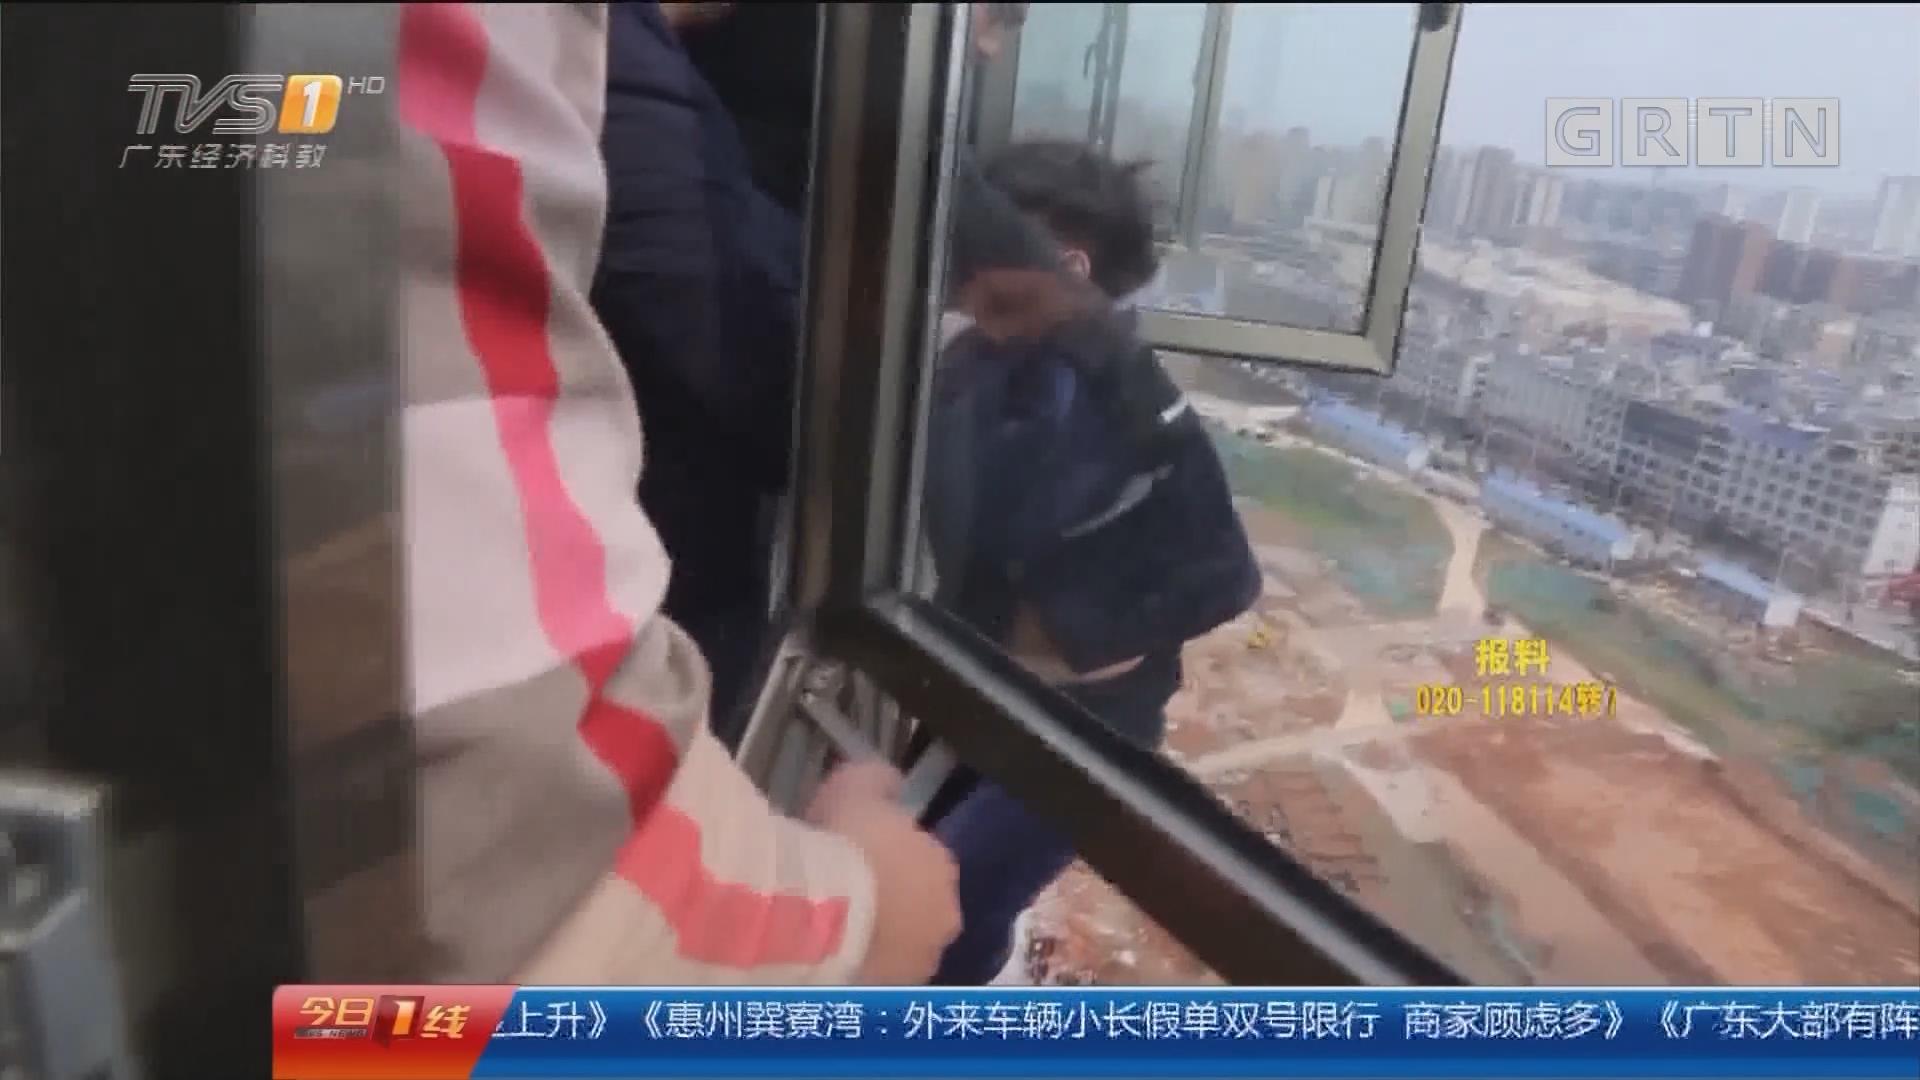 湖南长沙宁乡:疑犯爬23楼窗外拒捕 抓捕变救人